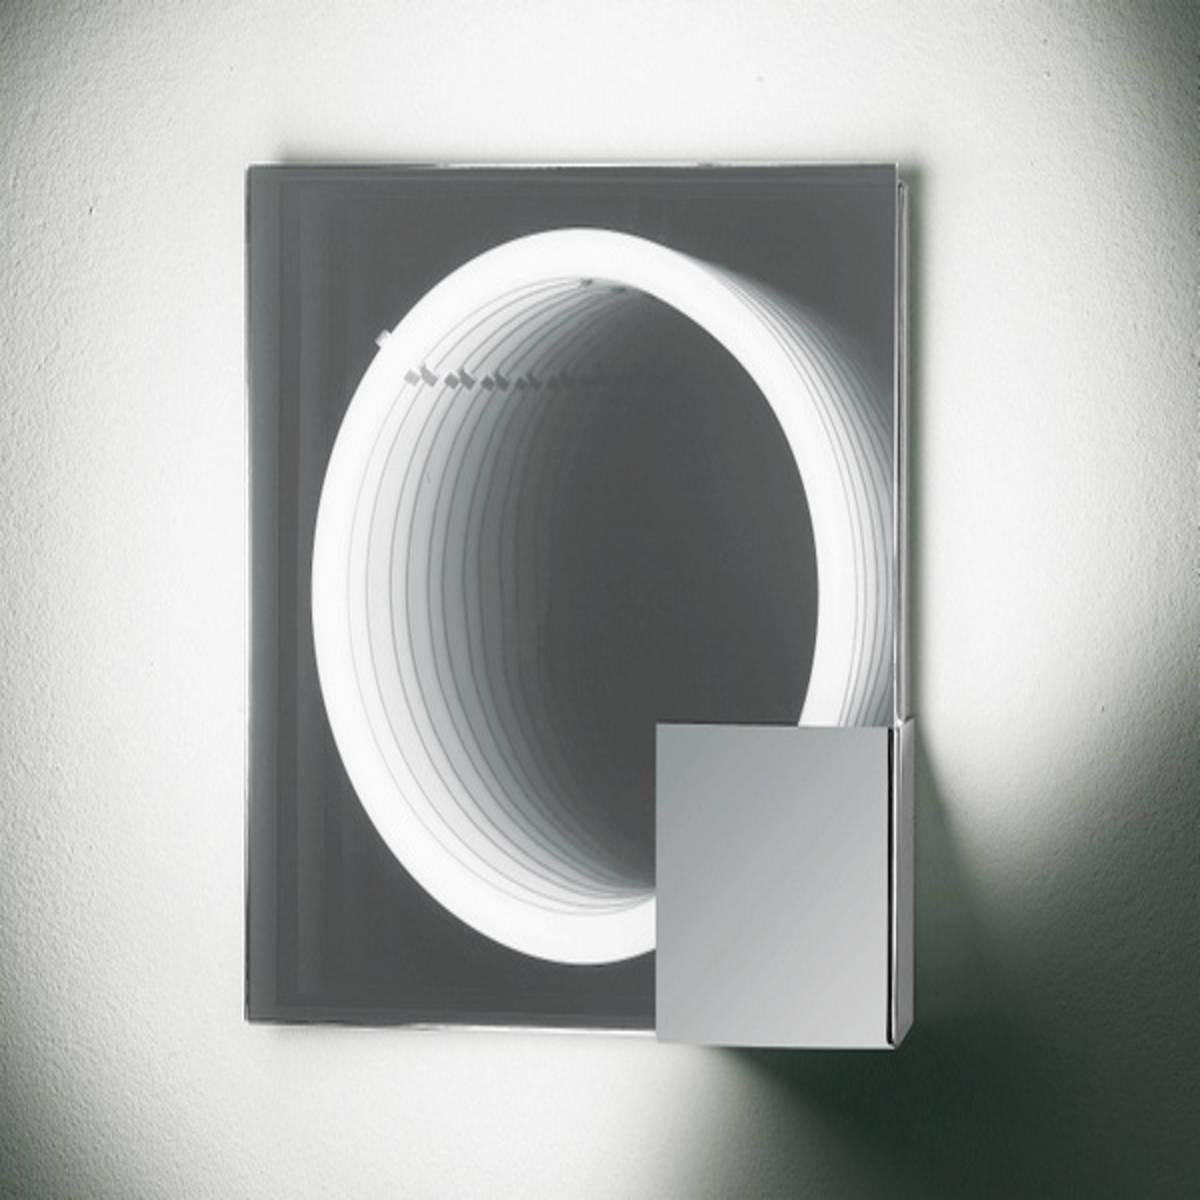 Lampade Al Neon Da Parete leucos lampada da parete effetto specchio modello optik, 1 punto luce a  neon 55w (2gx13)